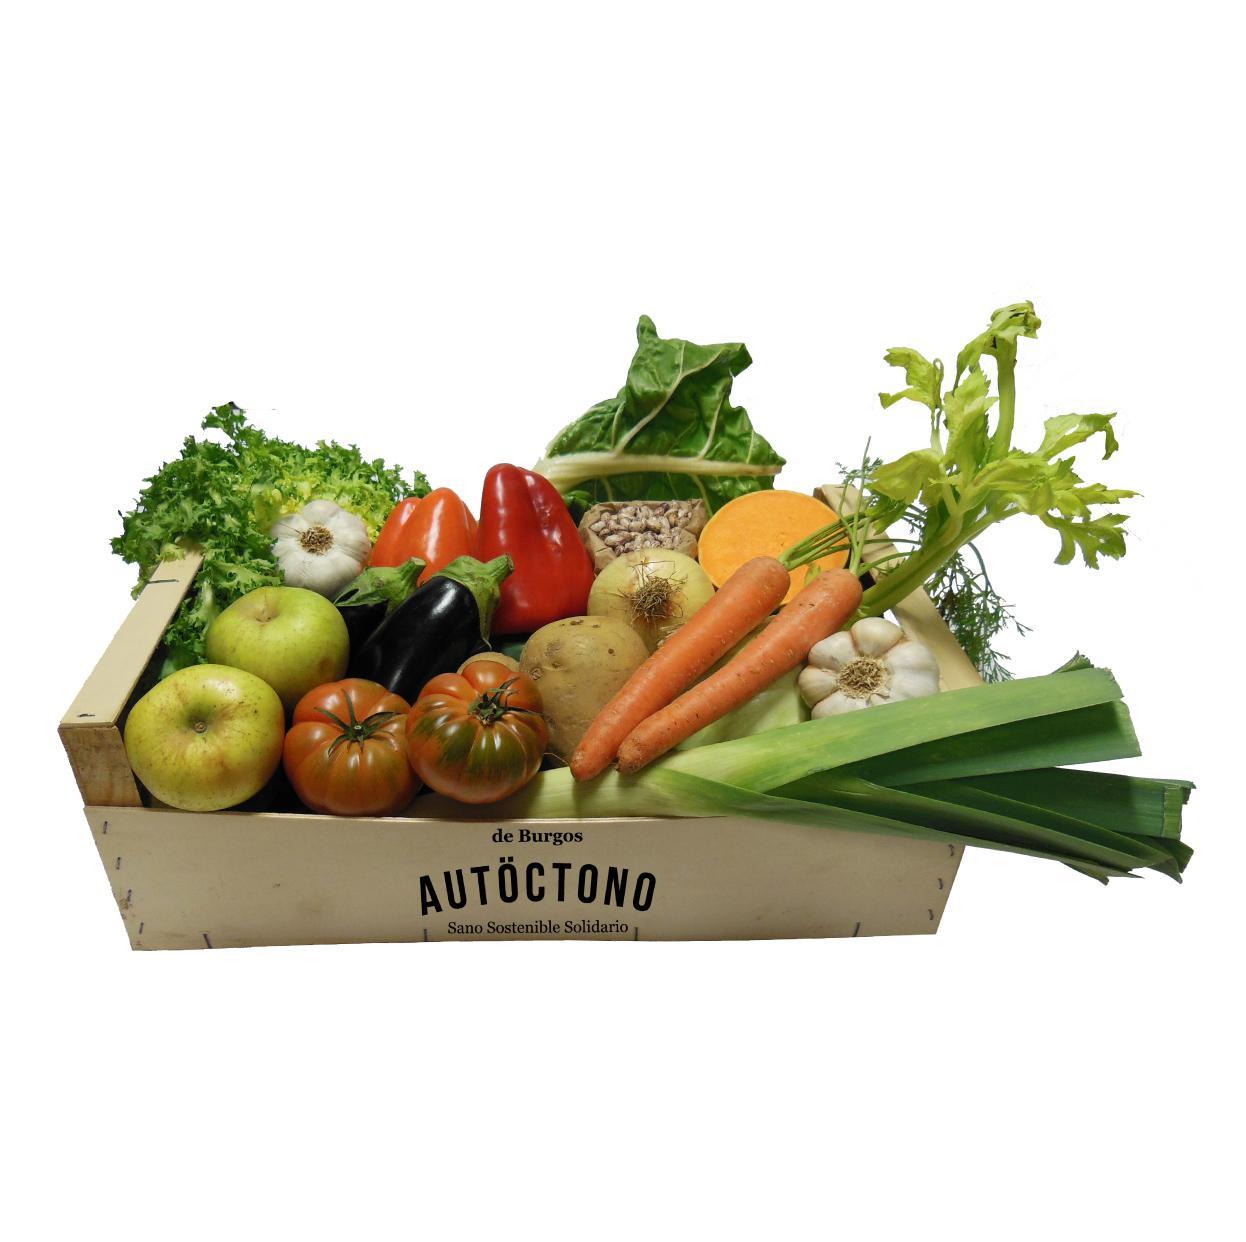 Autöctono: alimentos sanos, sostenibles y solidarios